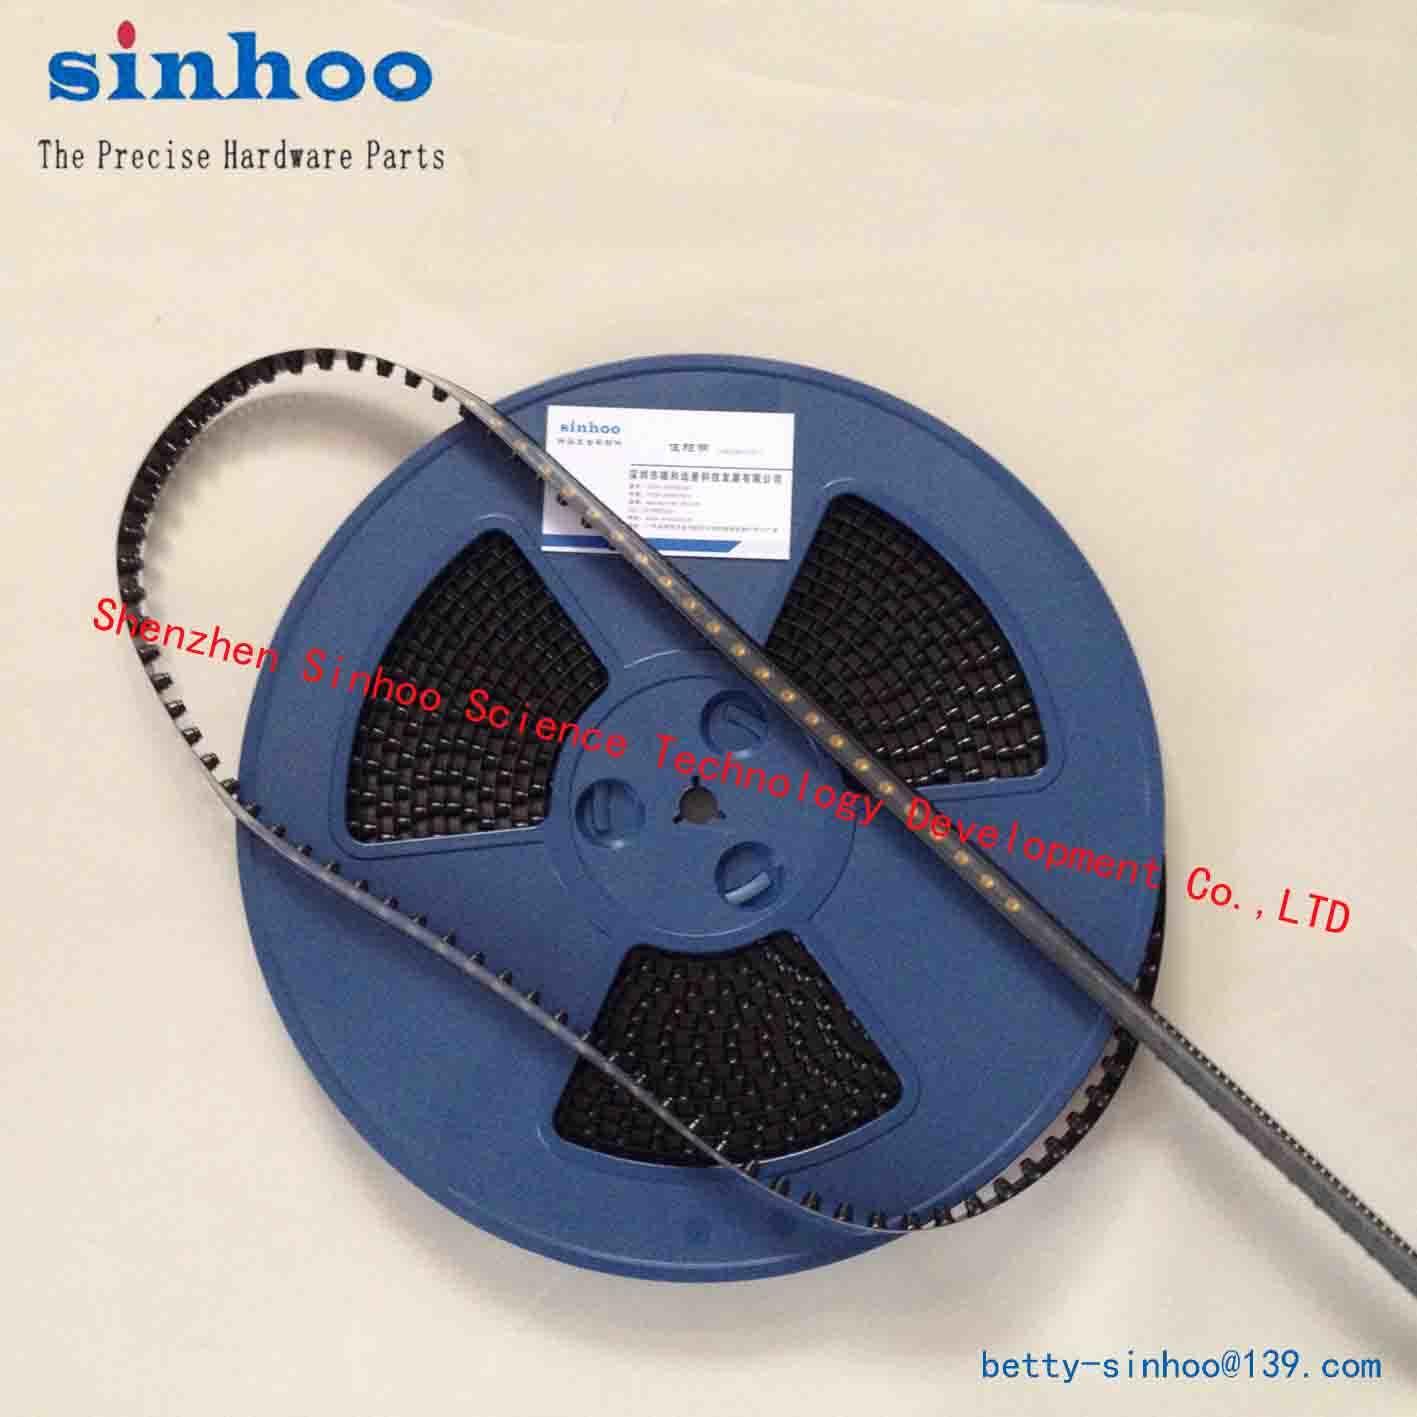 Smtso-M3-7et, SMD Nut, Surface Mount Fasteners SMT Standoff, SMT Spacer, Reel Package, Stock